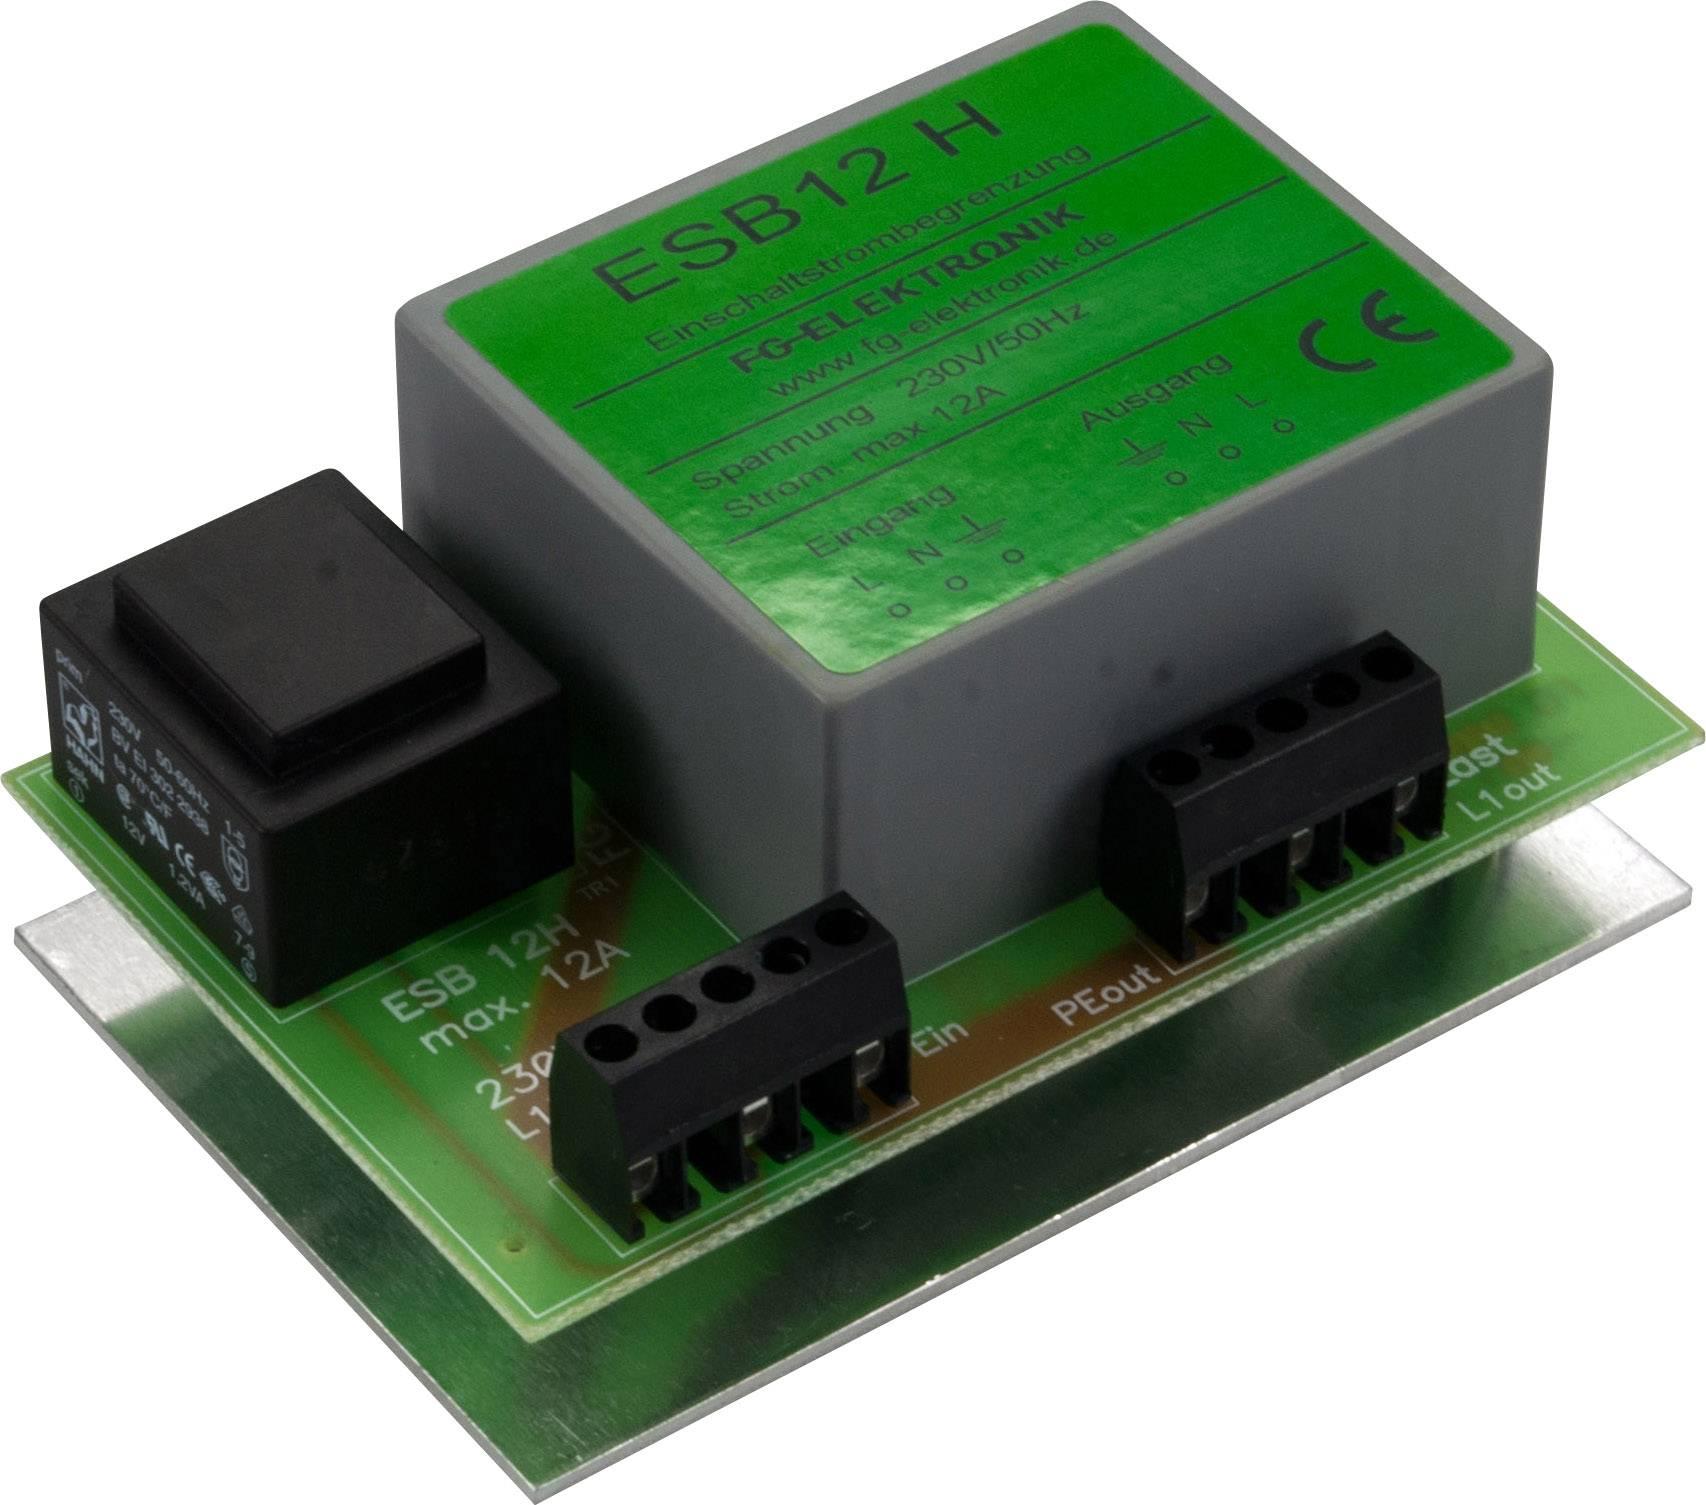 Omezovač náběhového proudu FG Elektronik ESB 12-H, 12 A, 2700 W, na DIN lištu